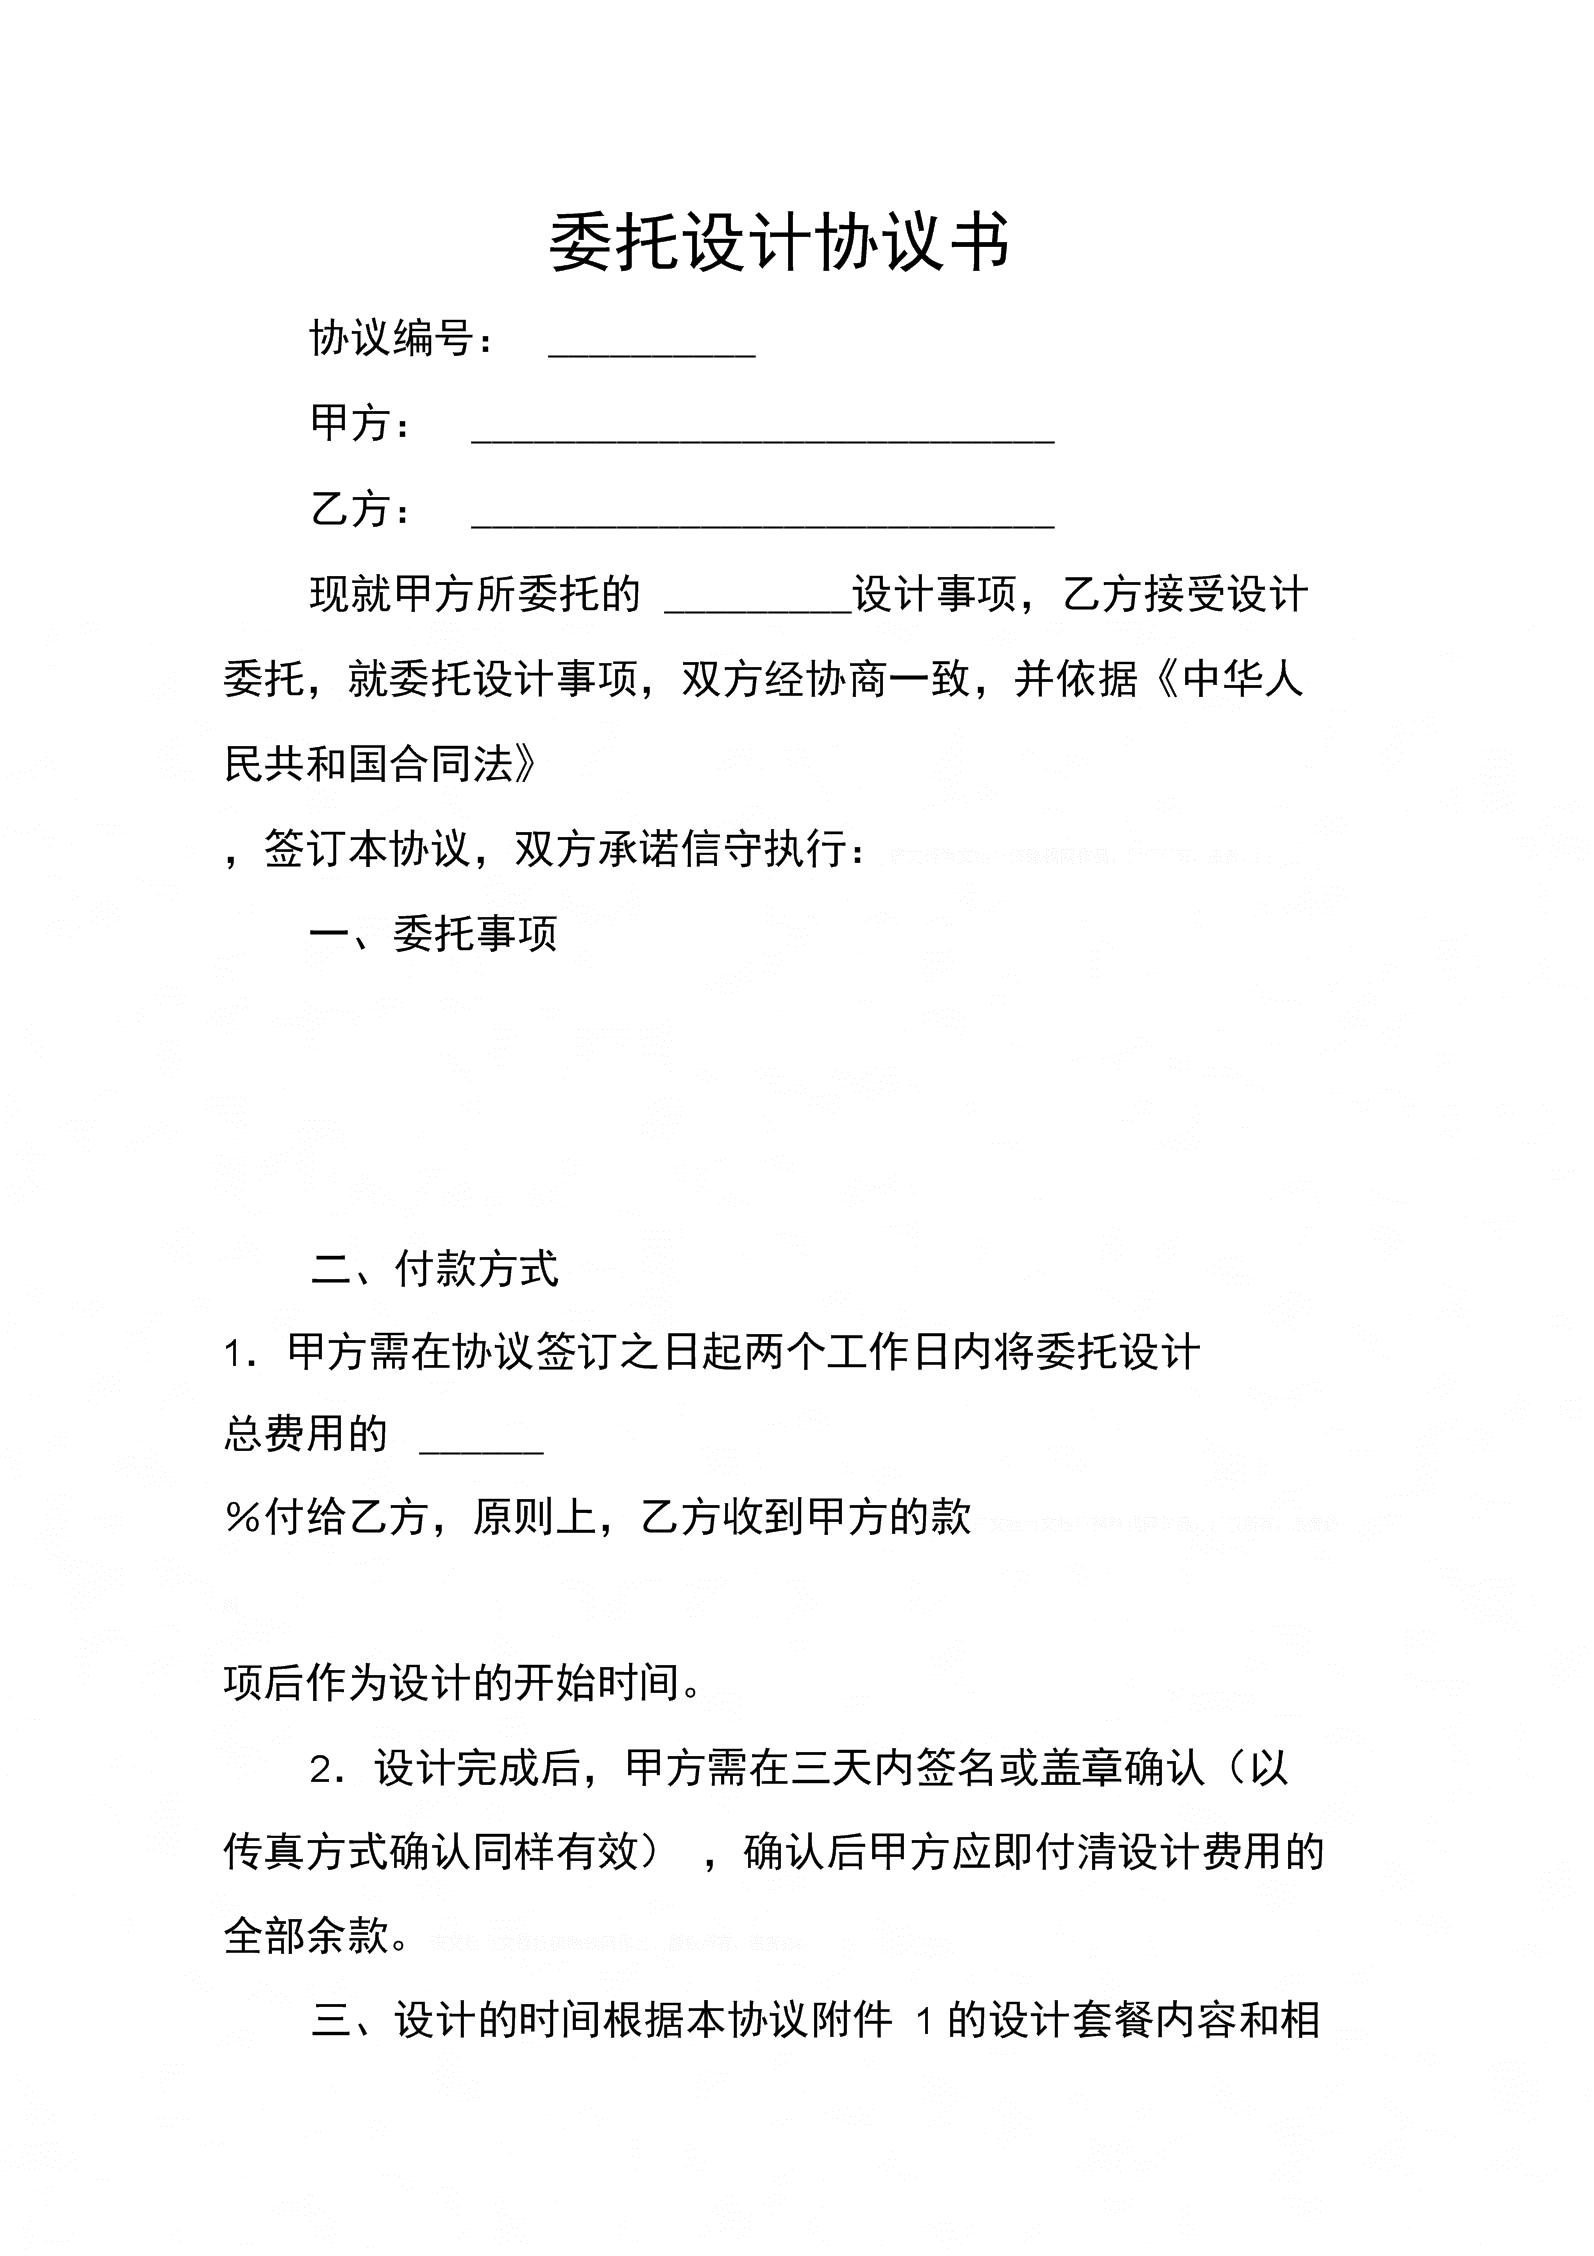 委托设计协议书_2.docx